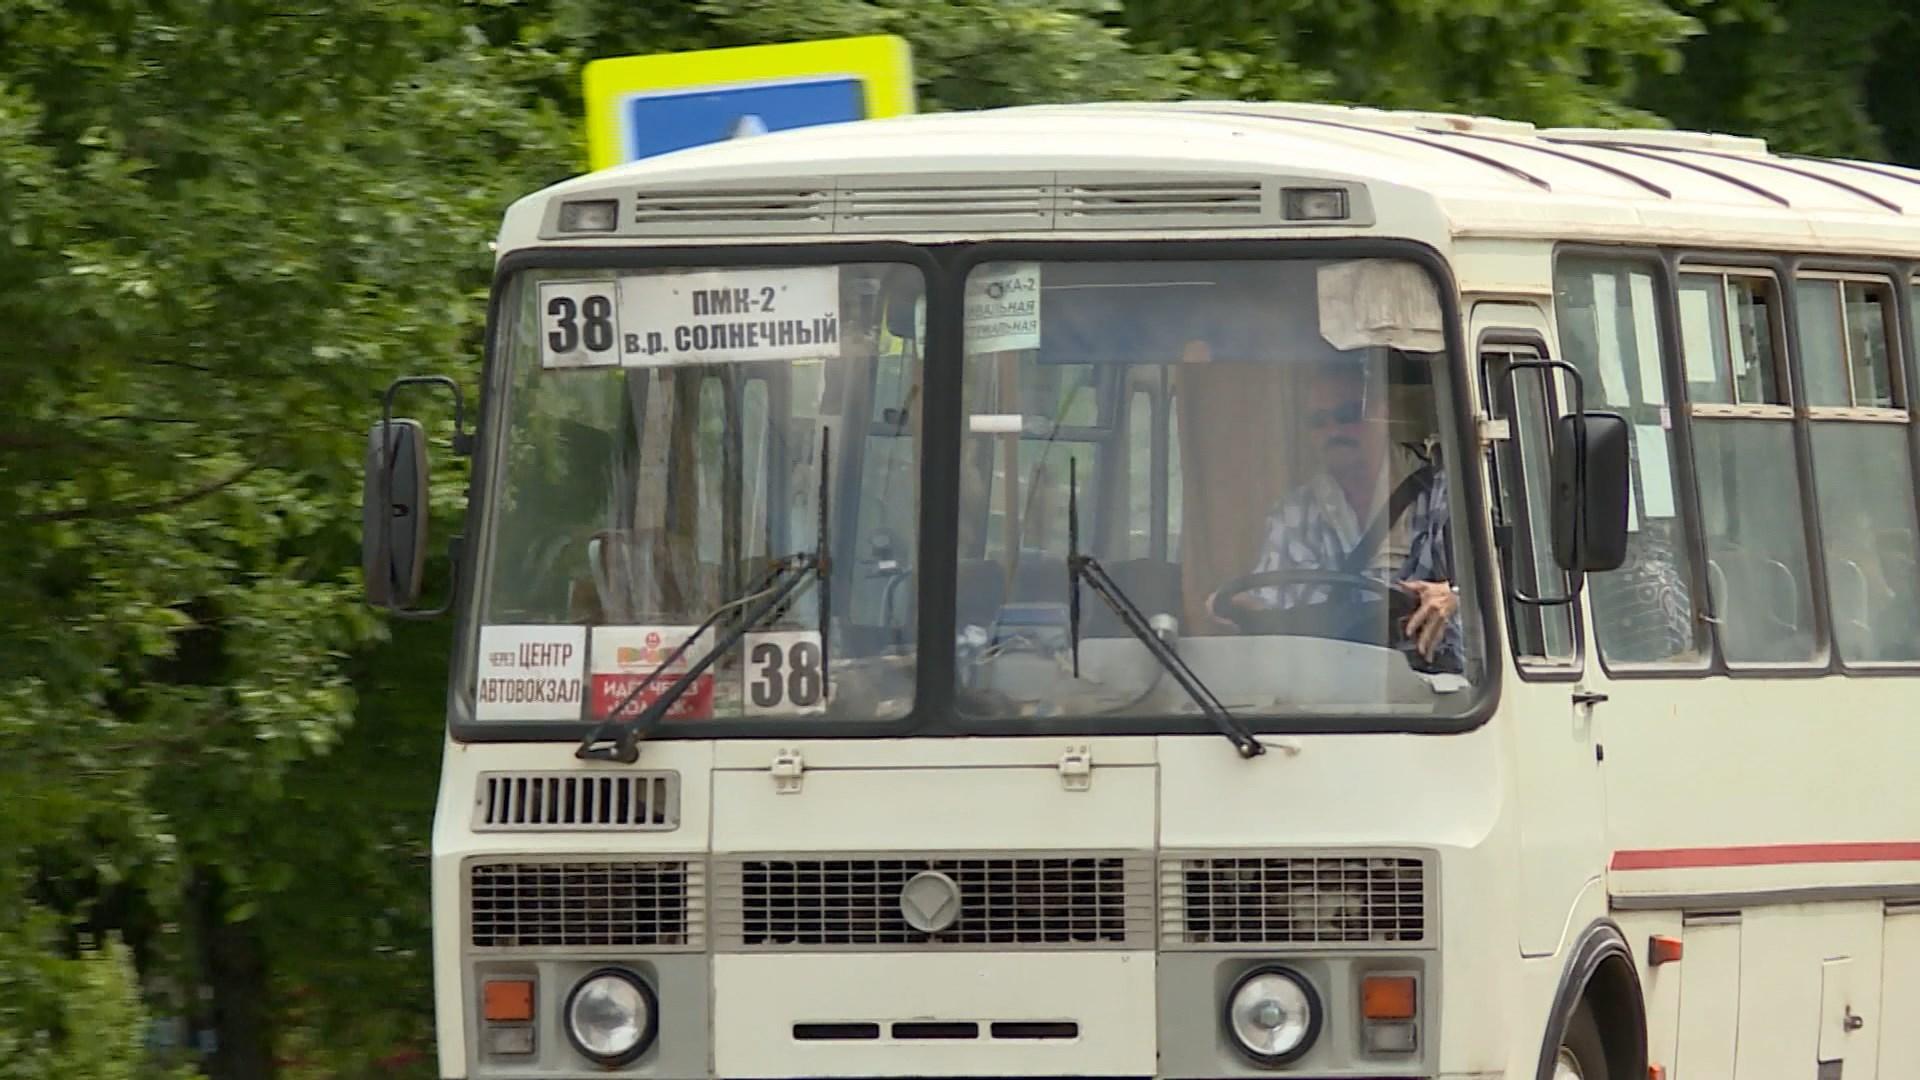 Маршрут №38 в Костроме изменили по просьбам пассажиров